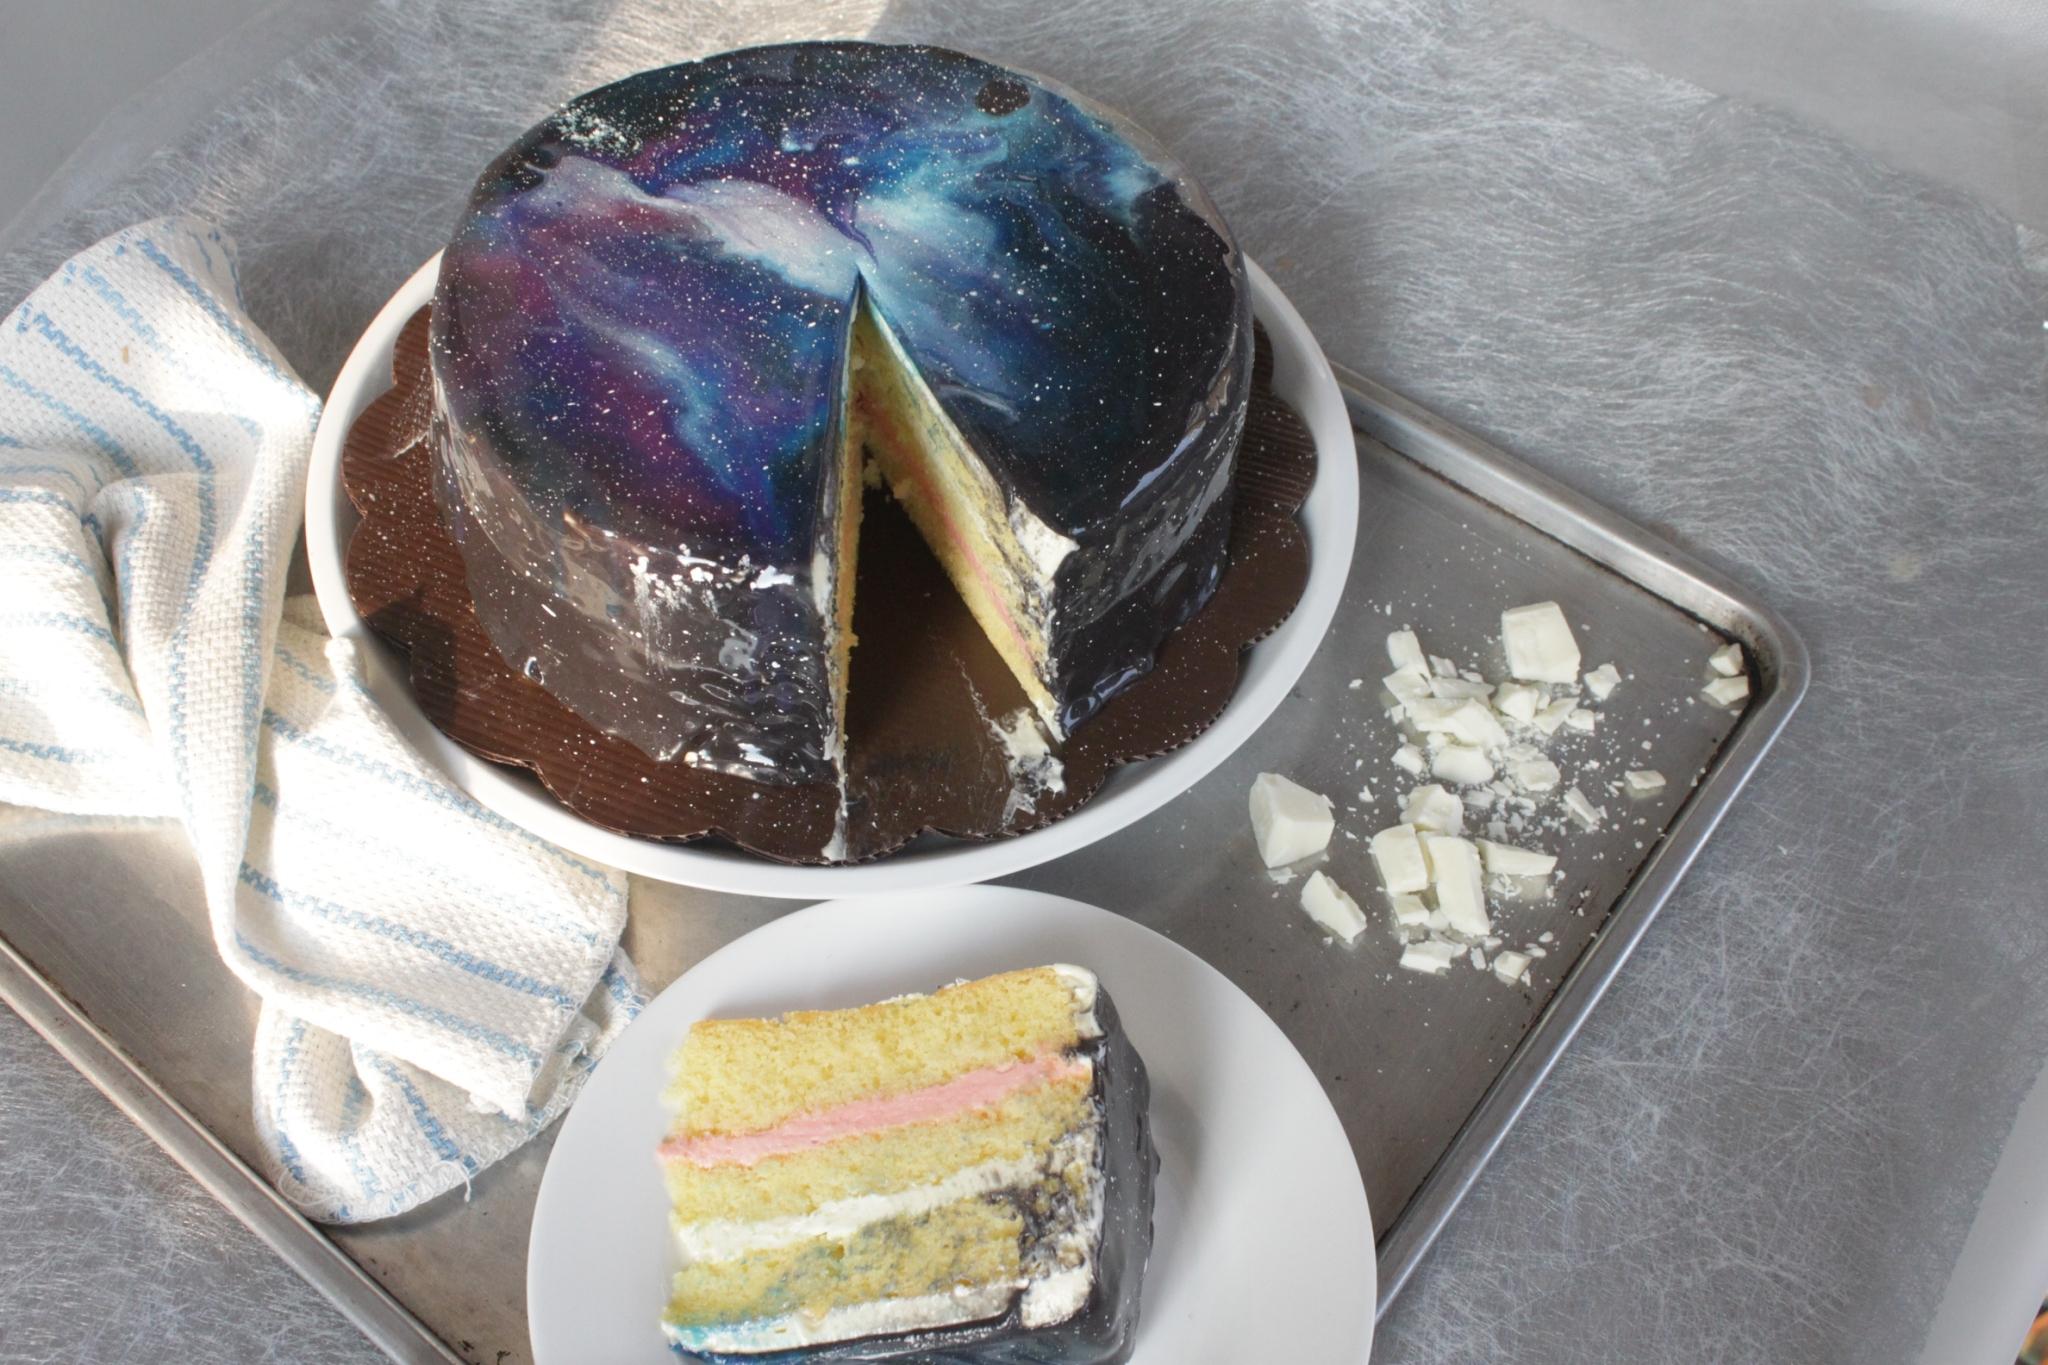 Dessert Meets Art